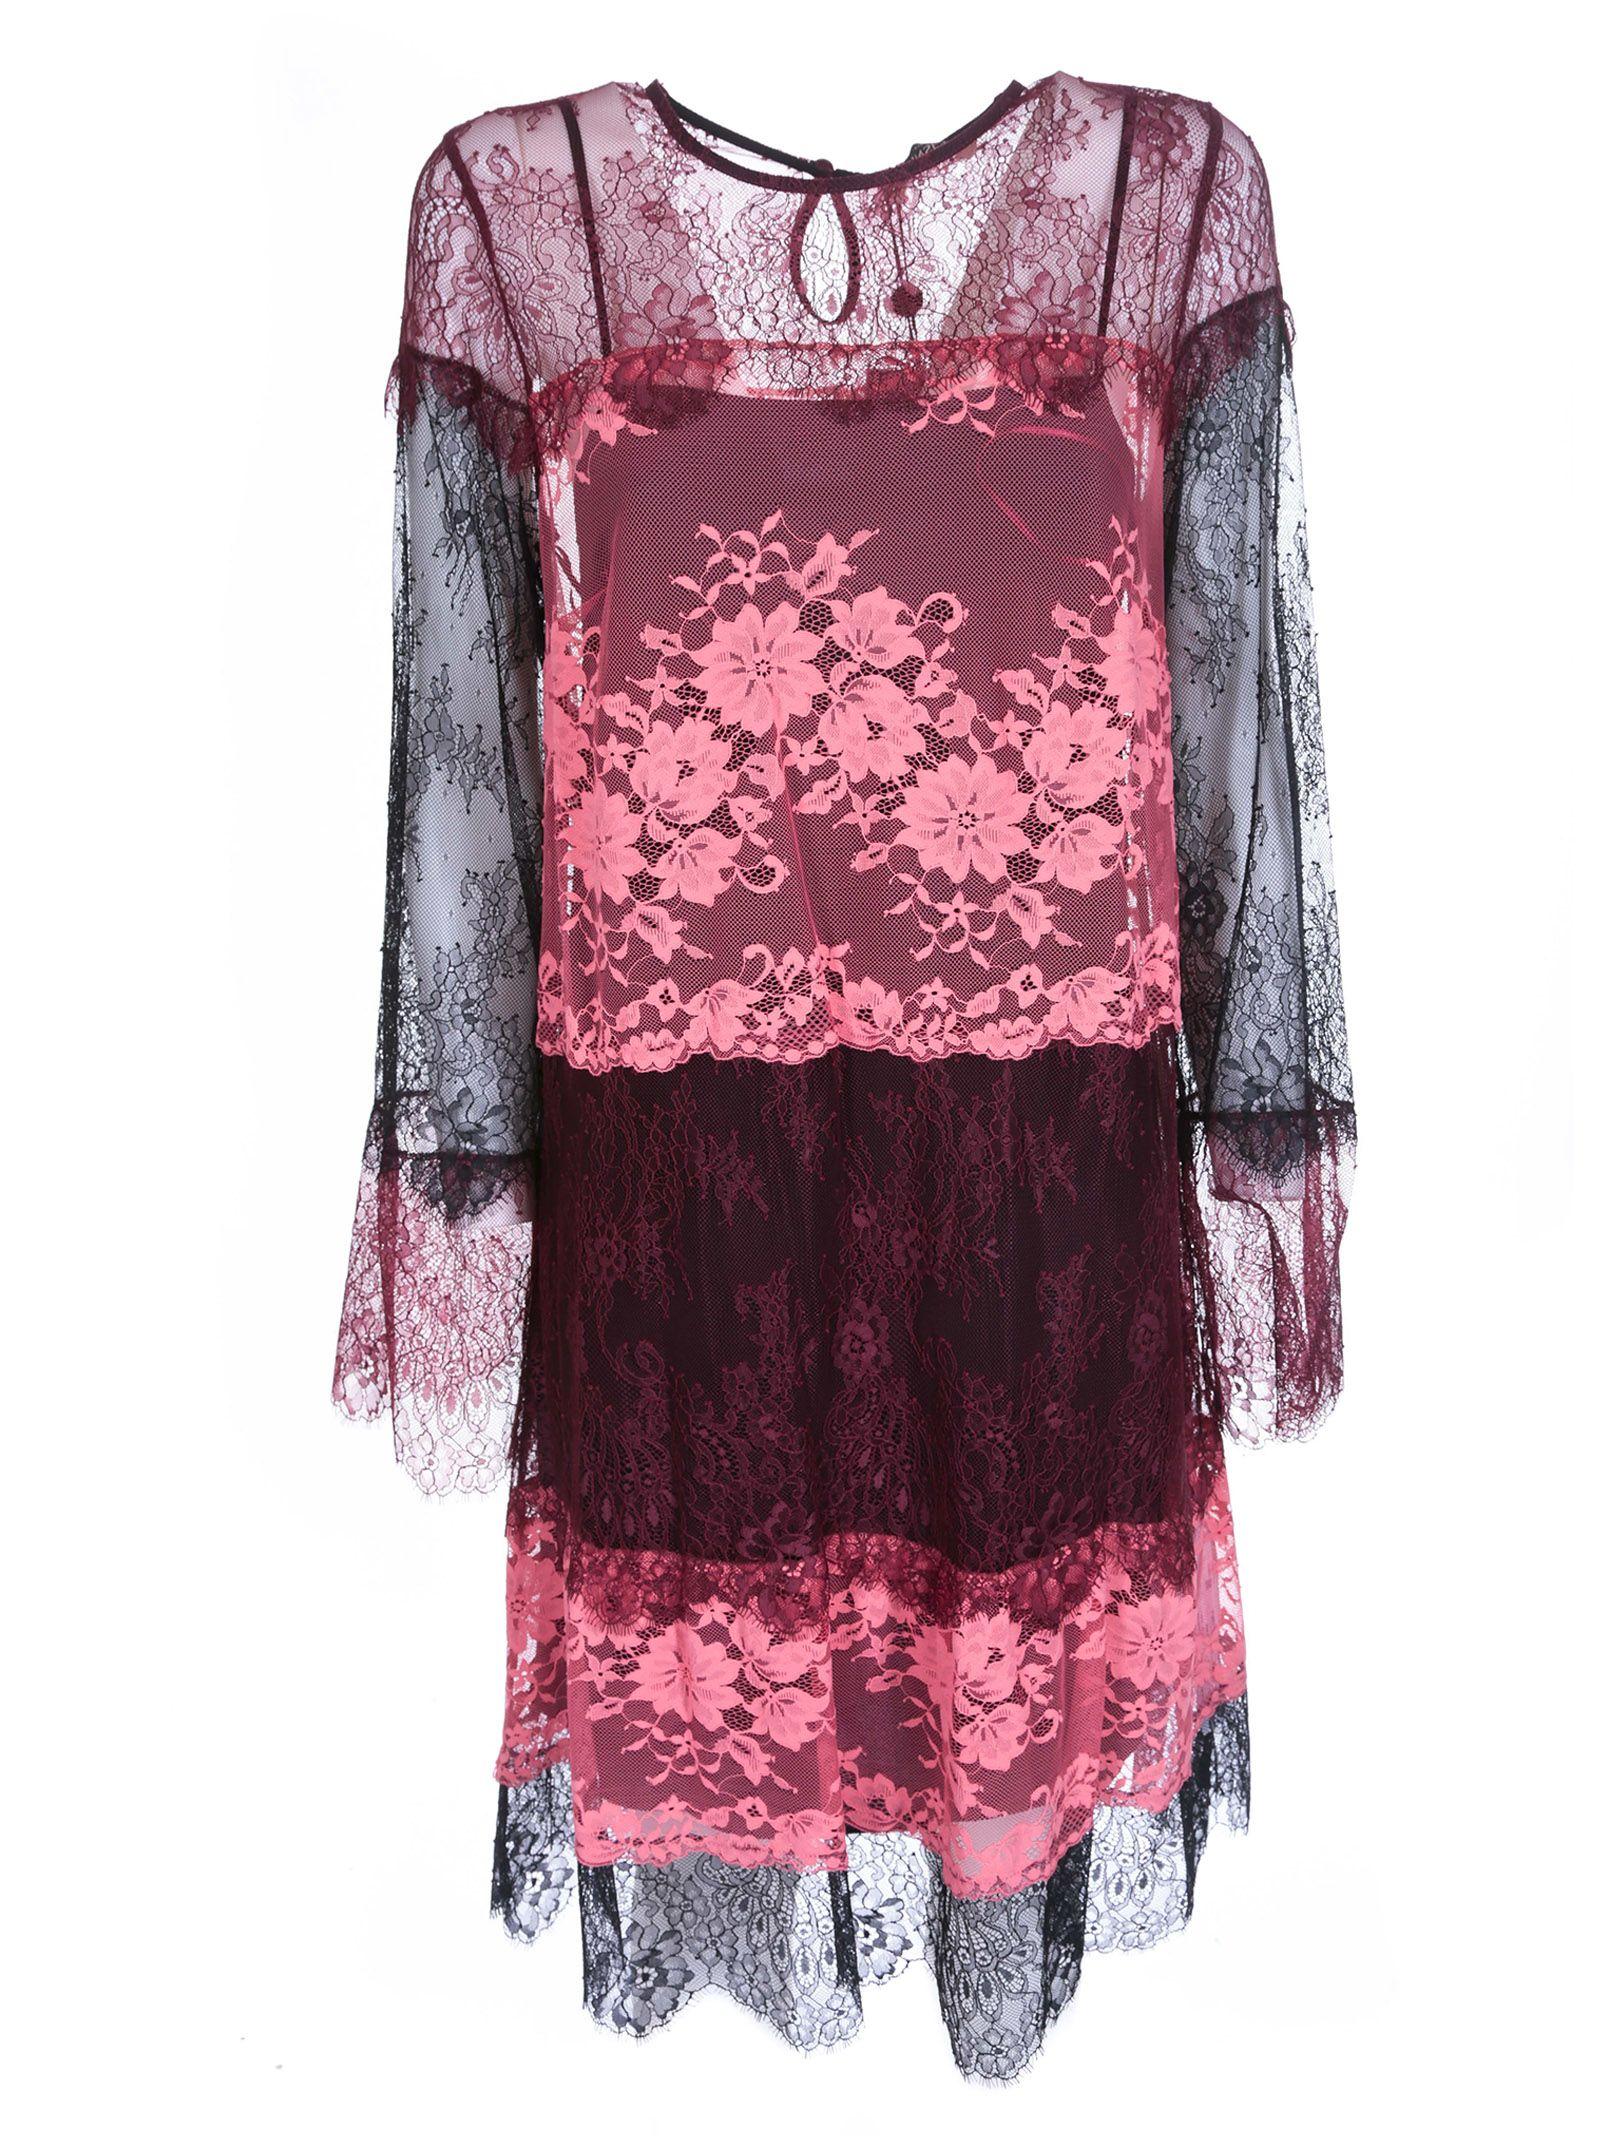 Twin-set Floral Lace Dress